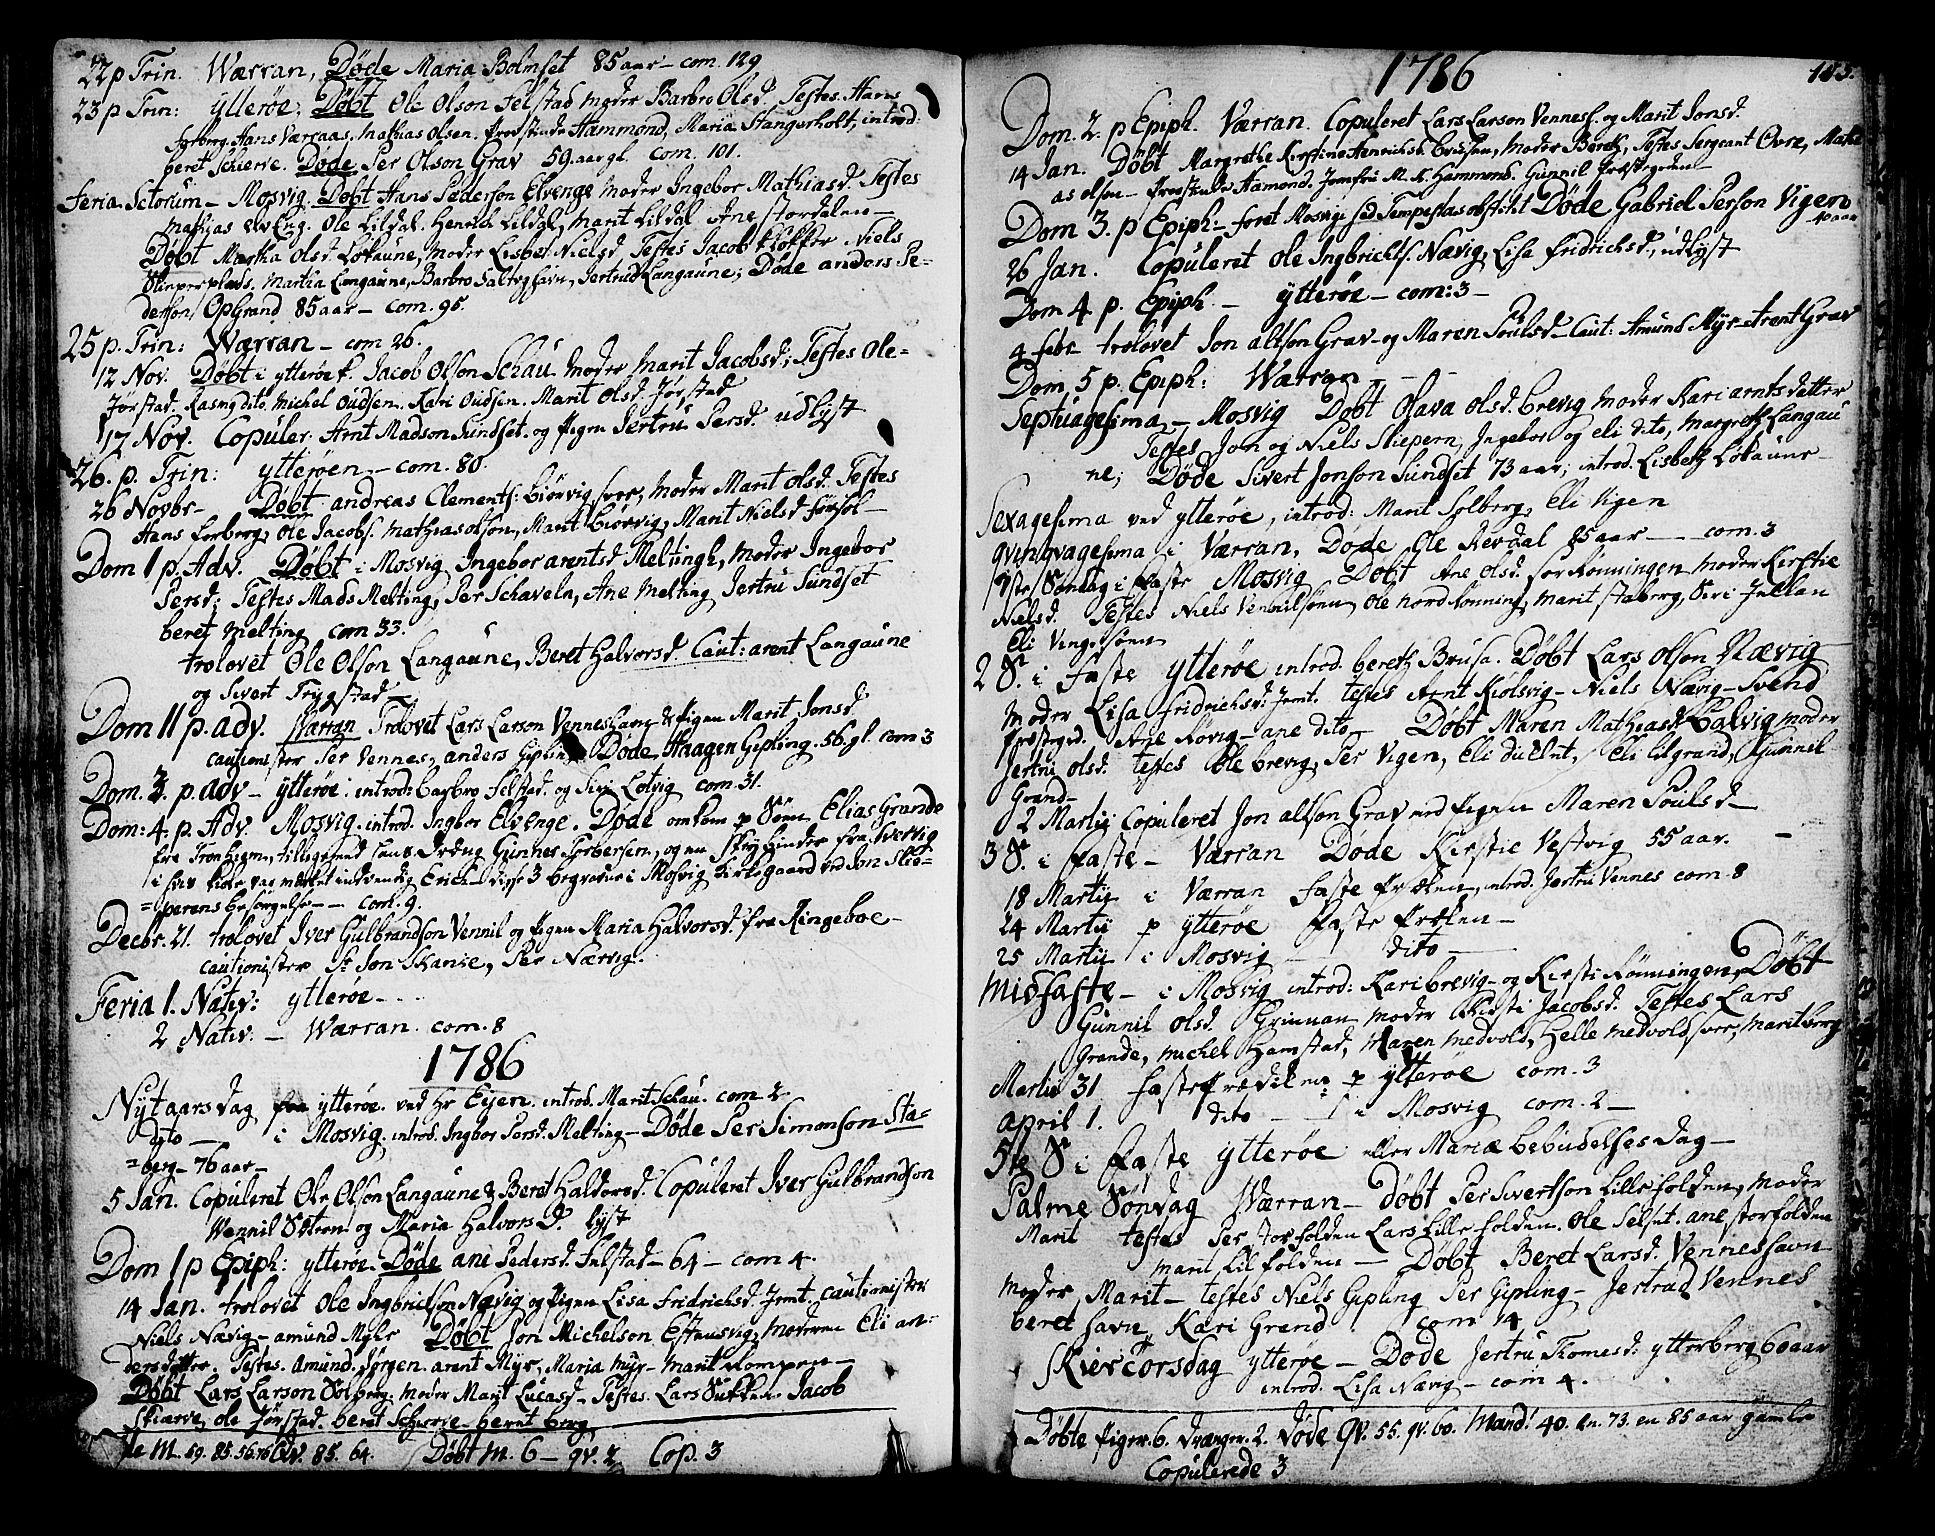 SAT, Ministerialprotokoller, klokkerbøker og fødselsregistre - Nord-Trøndelag, 722/L0216: Ministerialbok nr. 722A03, 1756-1816, s. 105